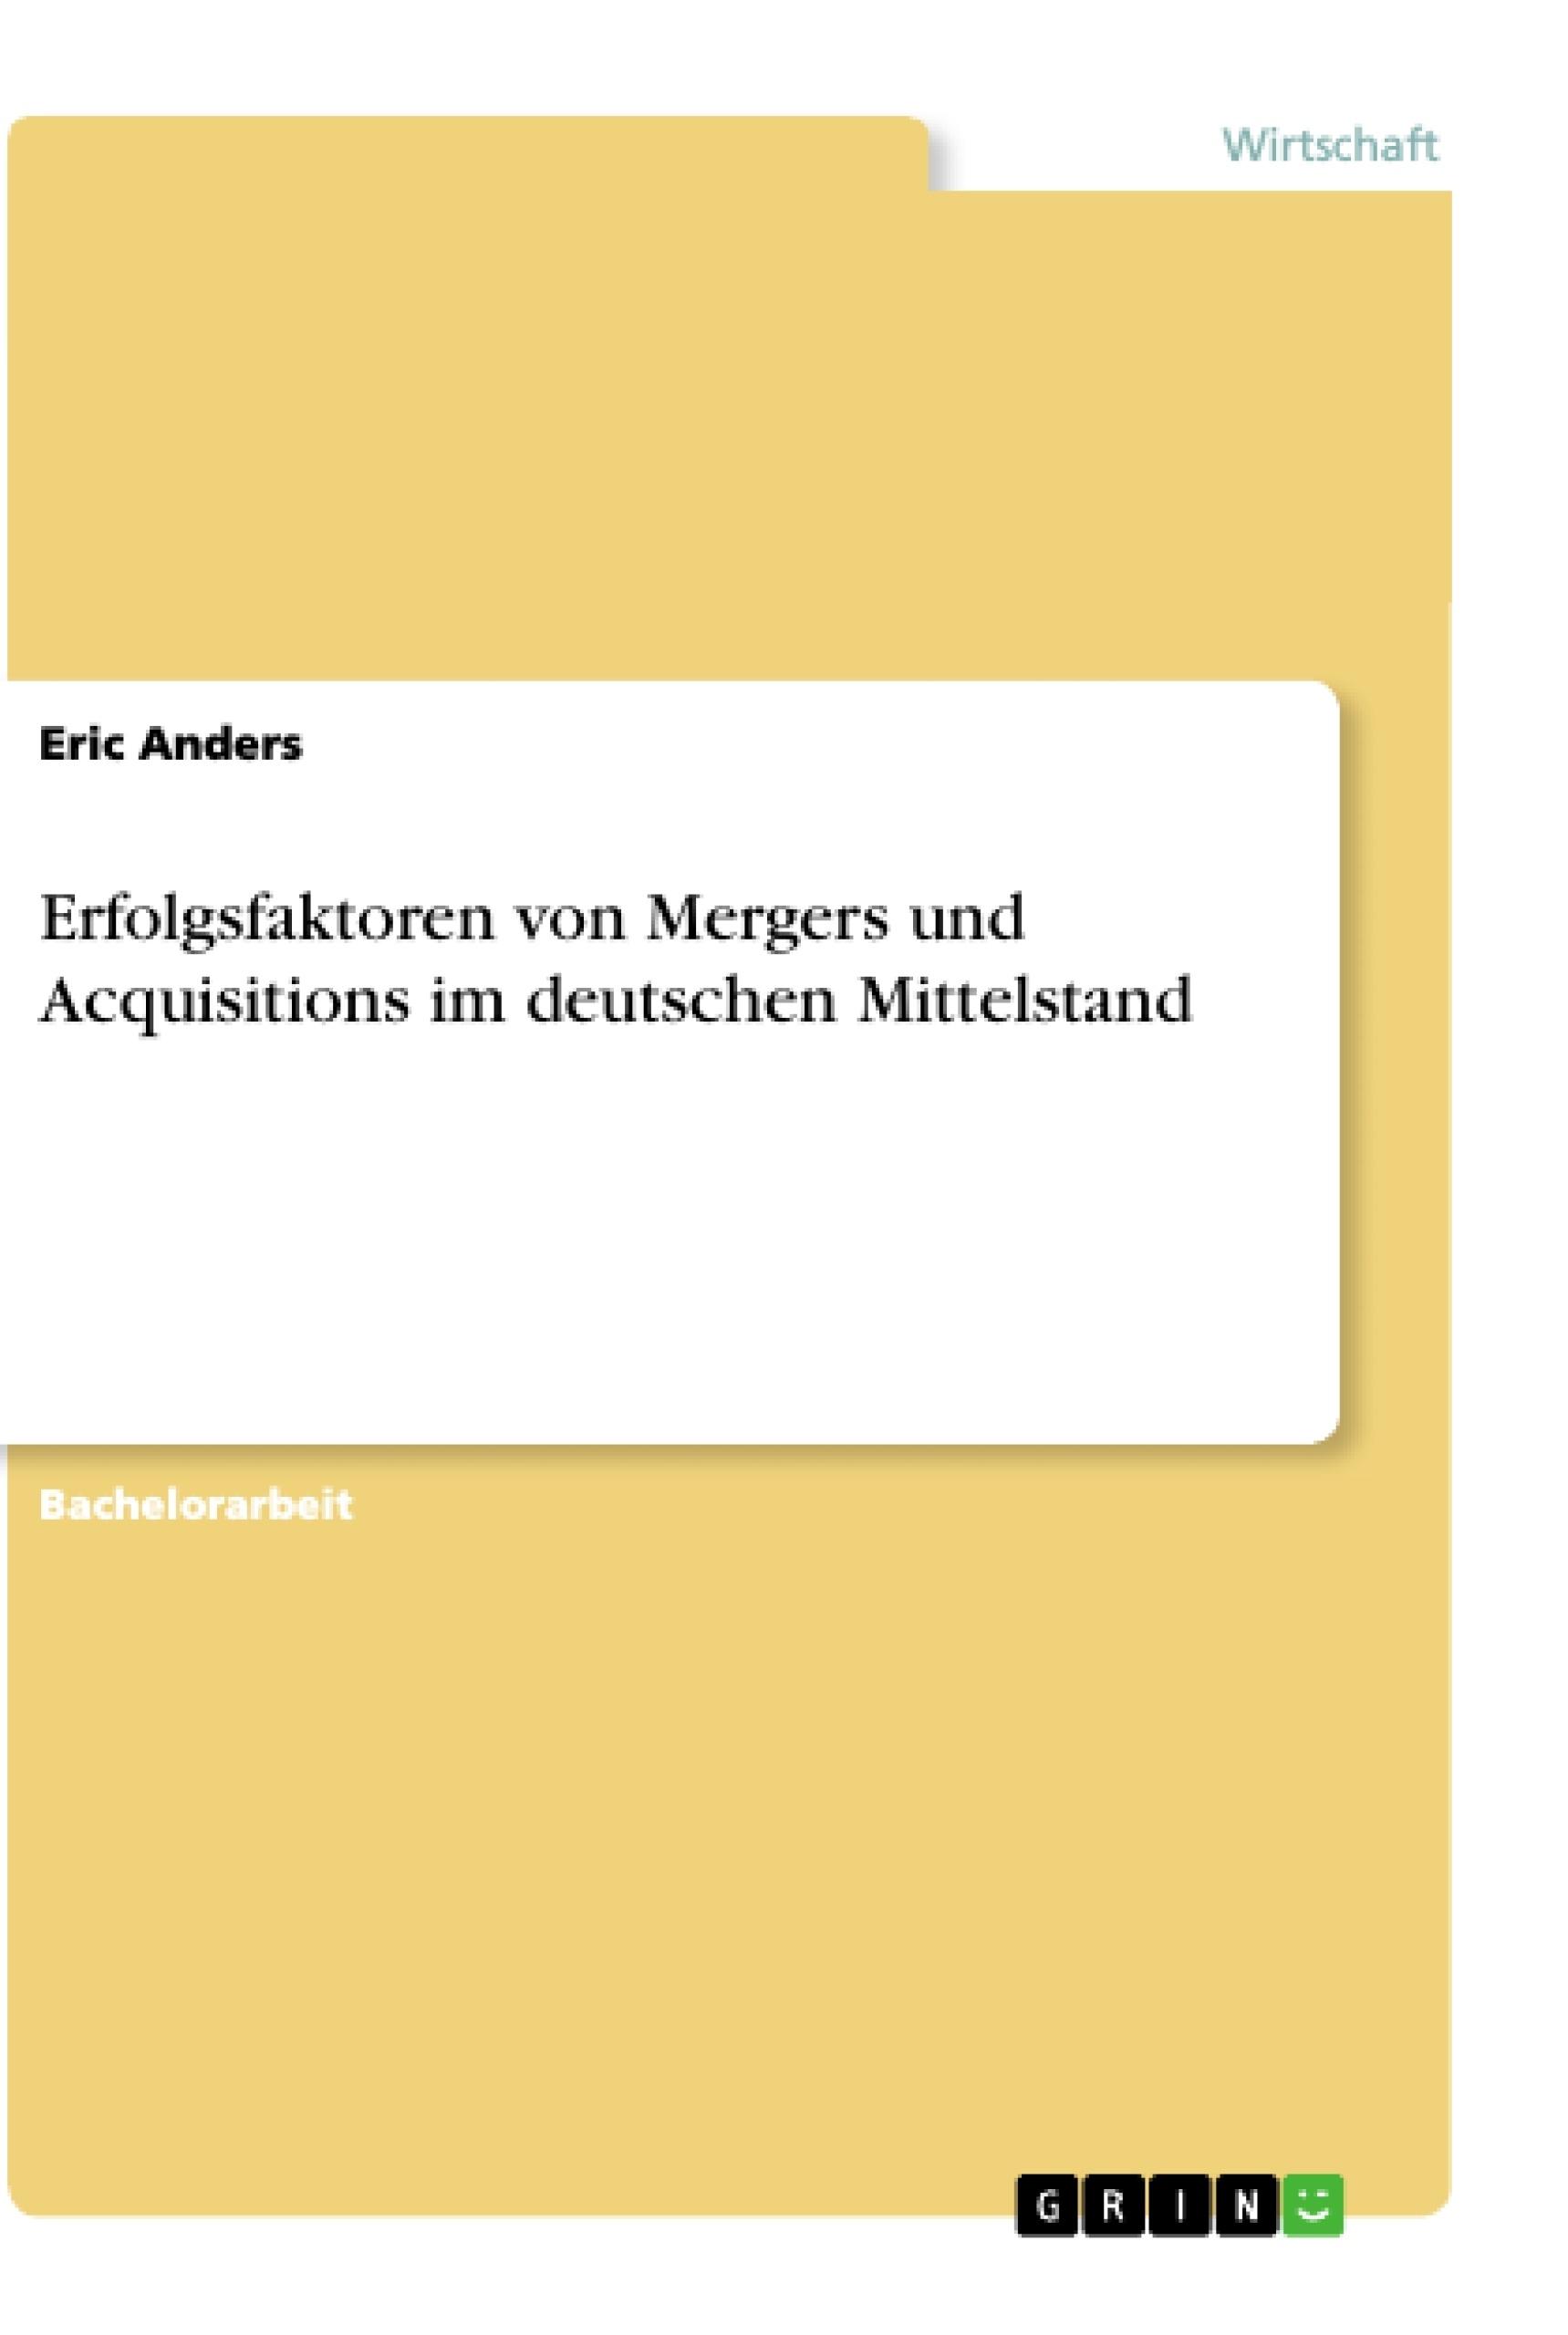 Titel: Erfolgsfaktoren von Mergers und Acquisitions im deutschen Mittelstand